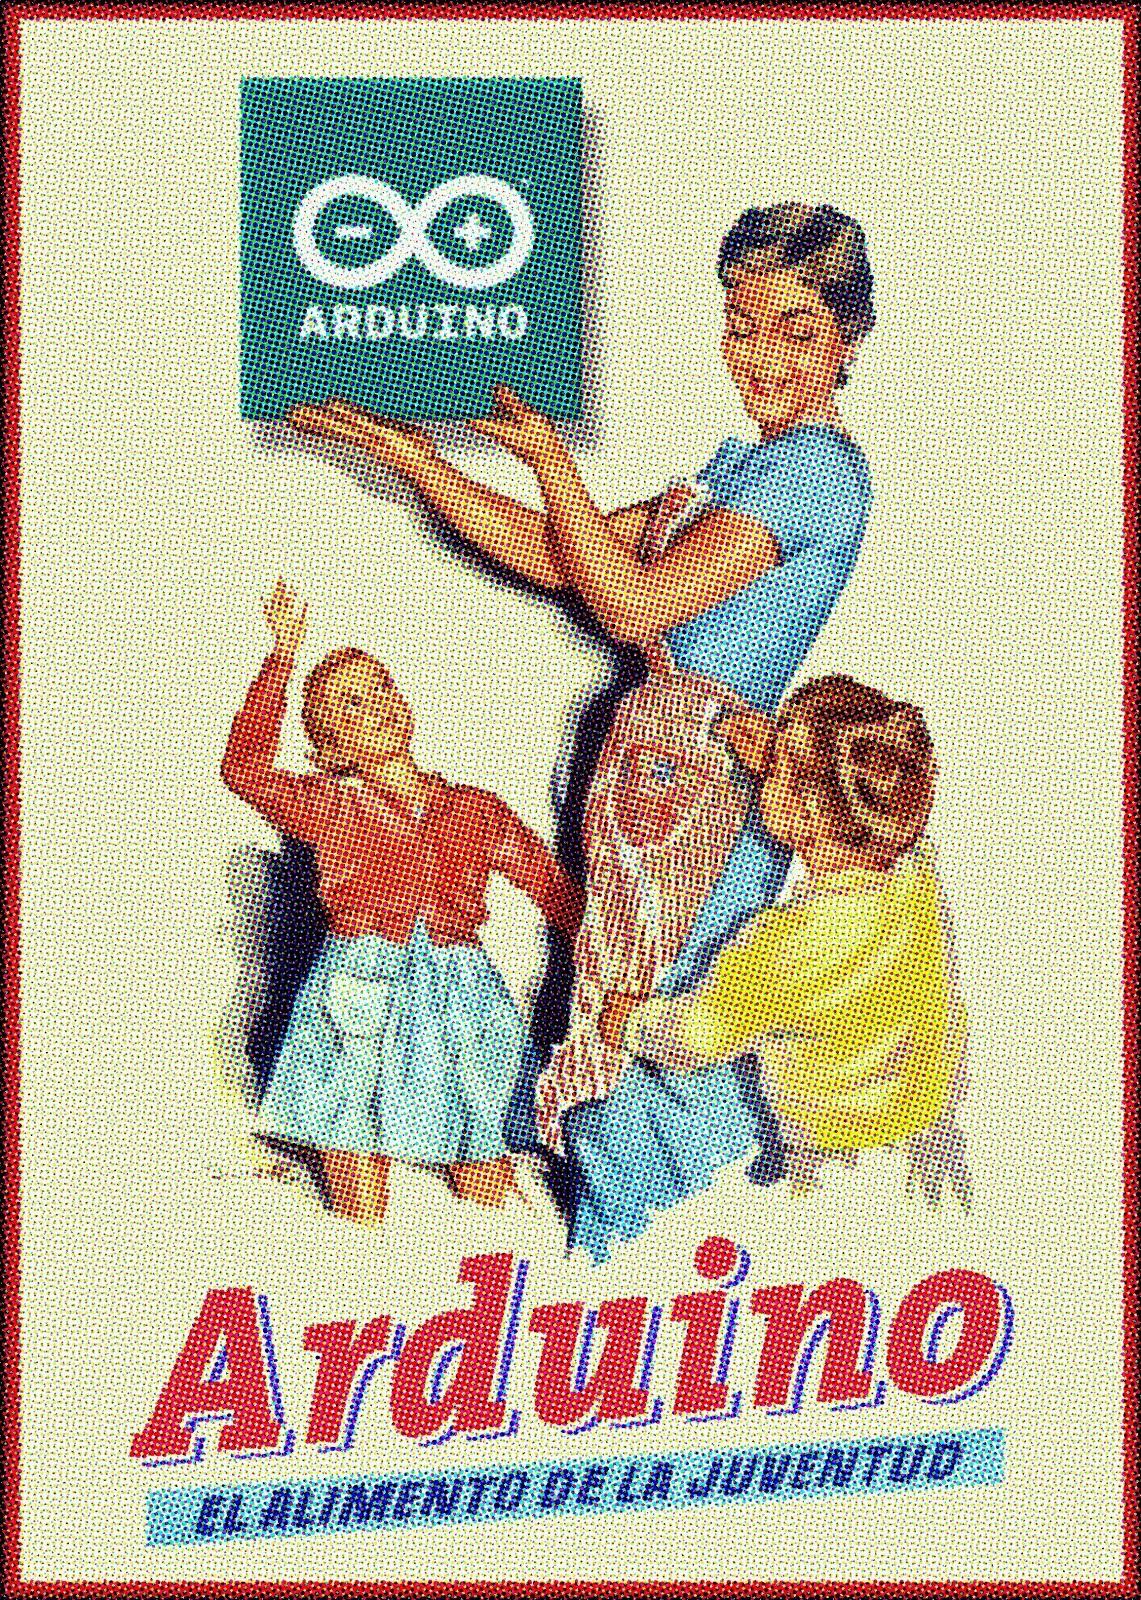 ¿Qué es ARDUINO?